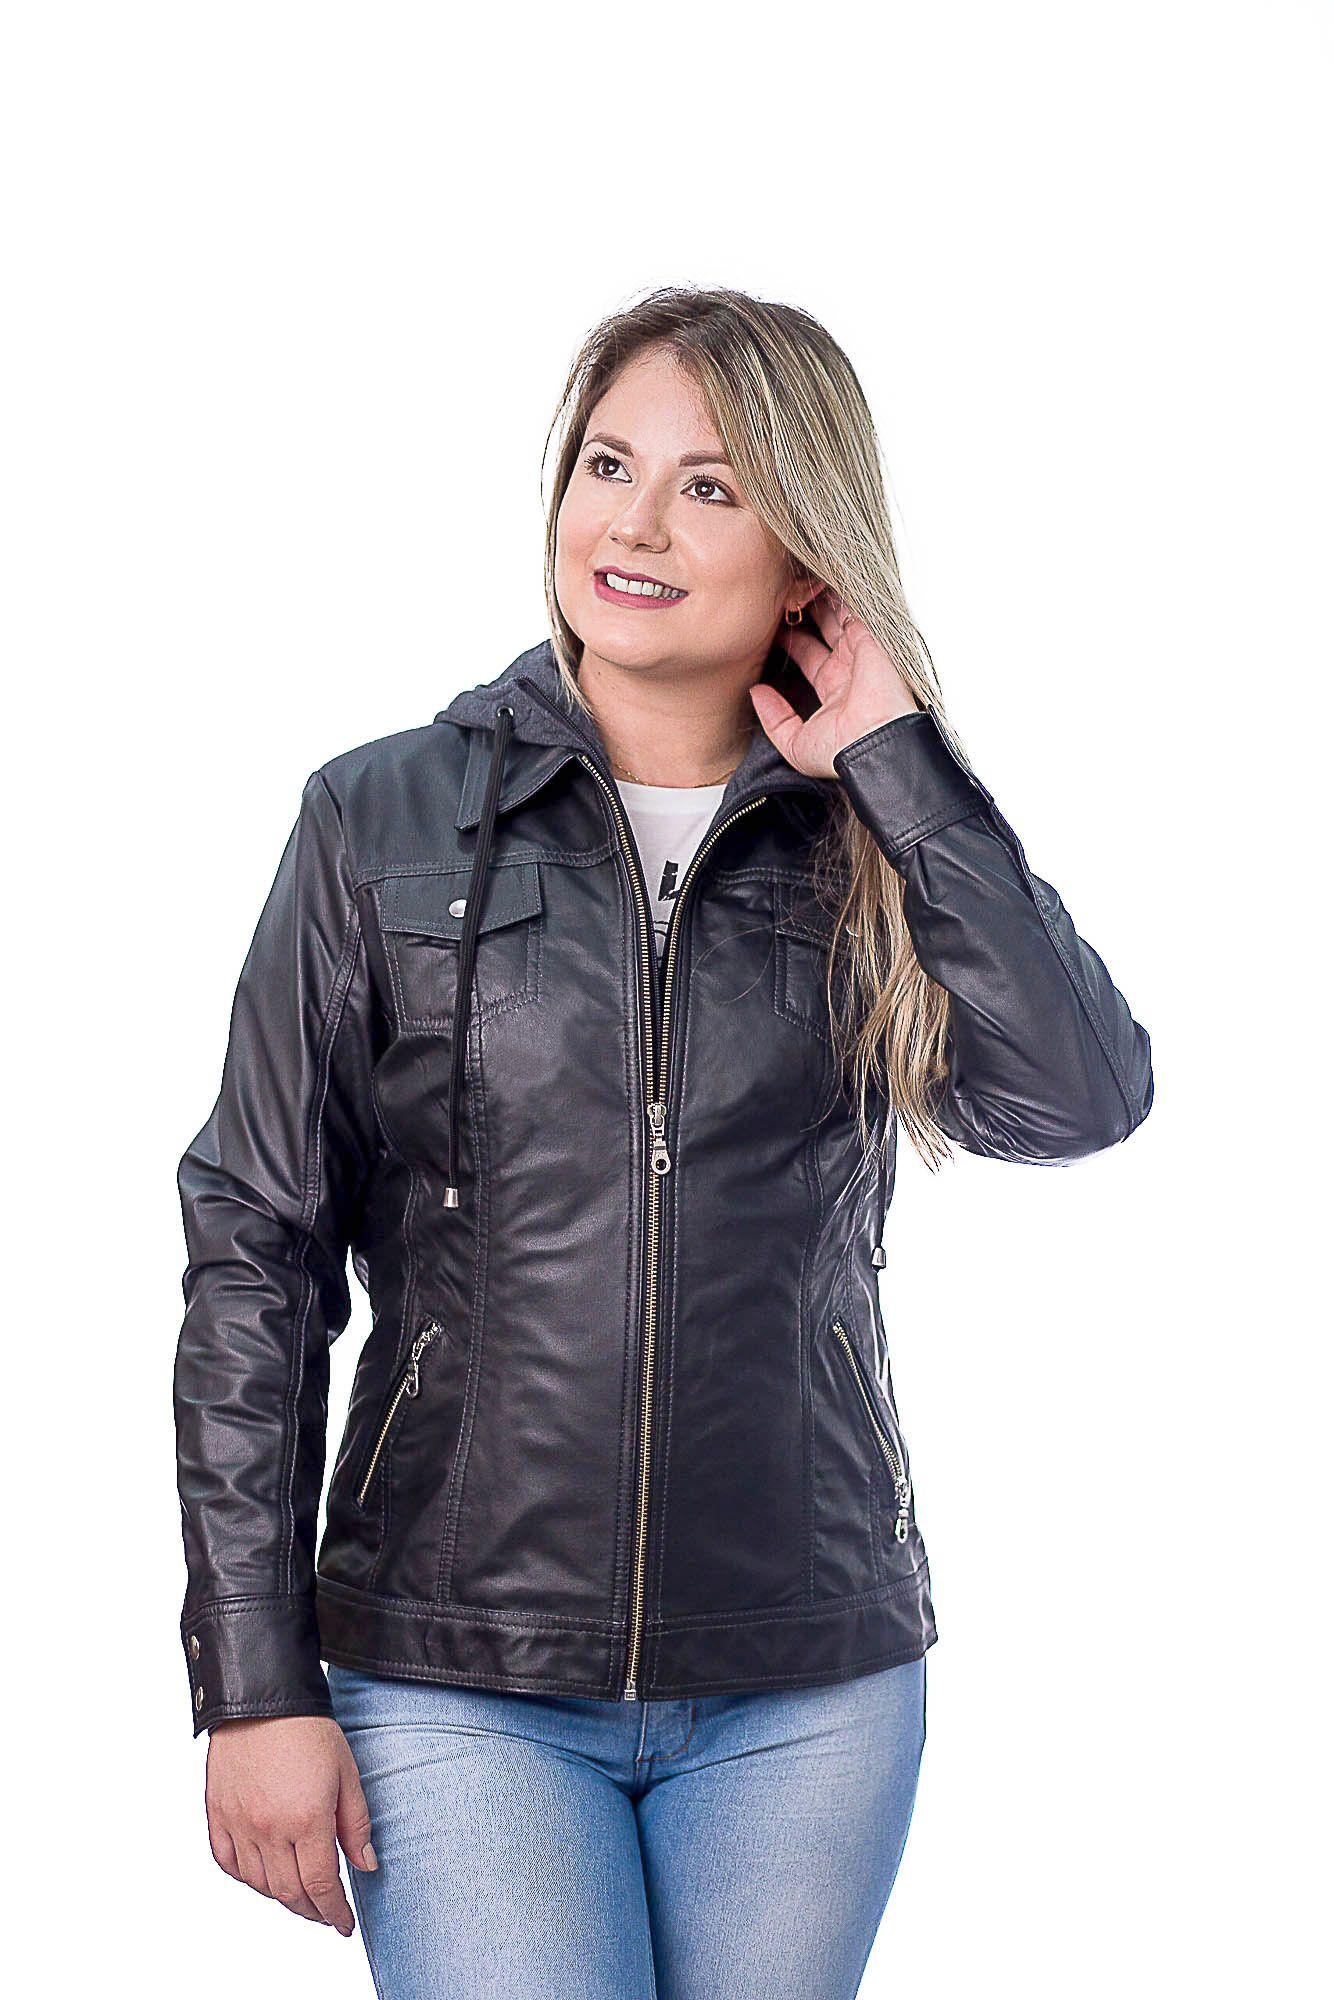 Jaqueta Feminina Capuz 192 Vest Preto